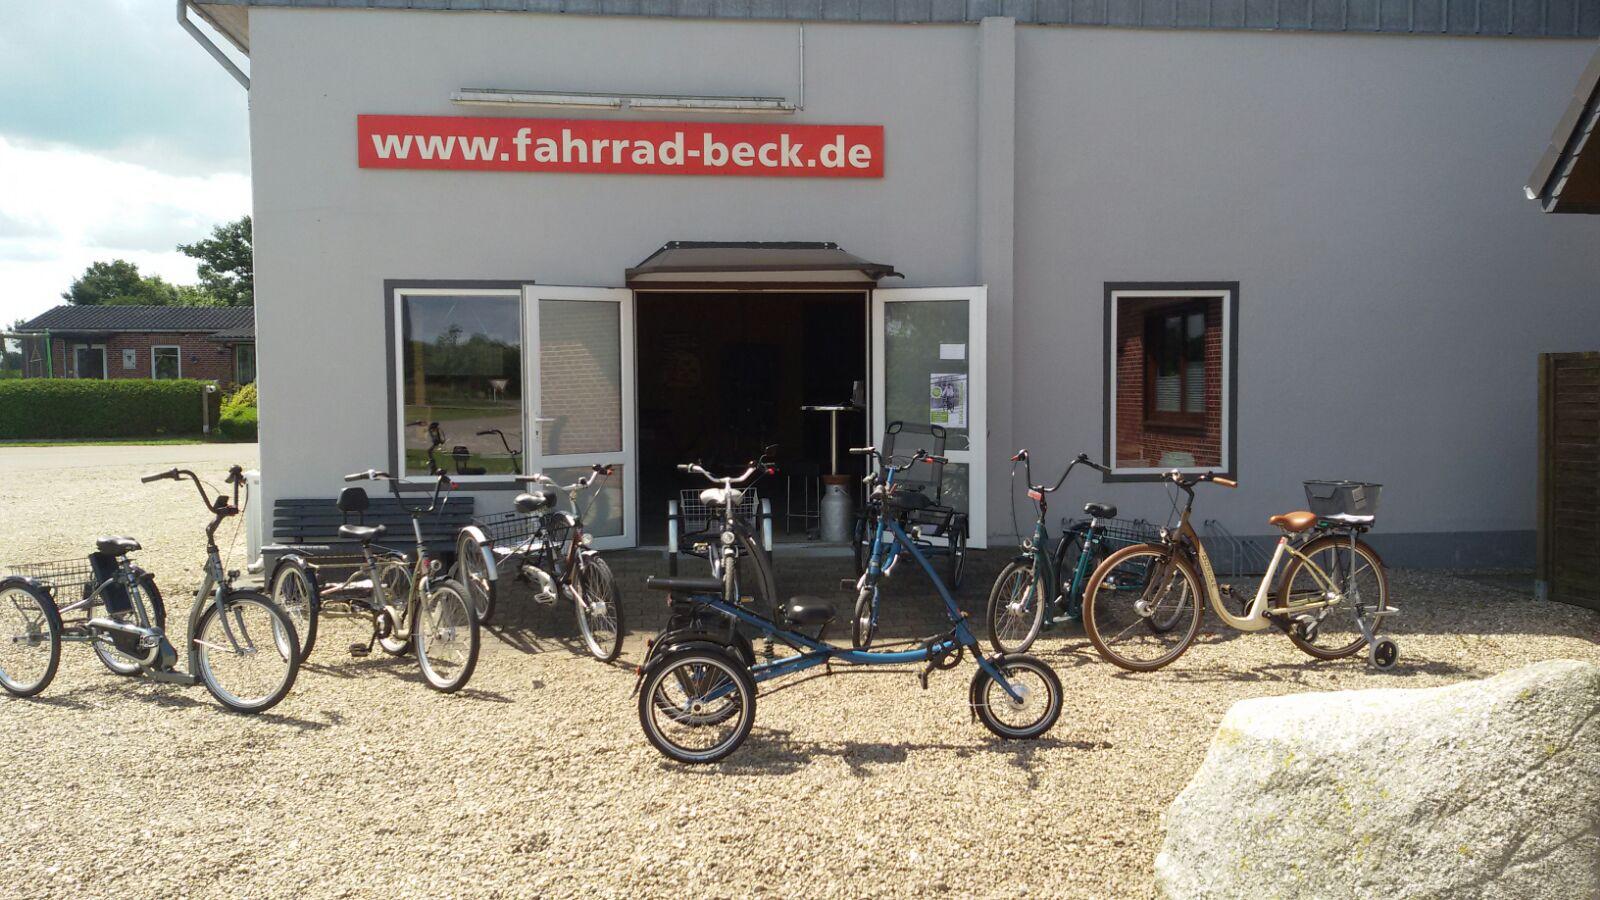 fahrrad-beck